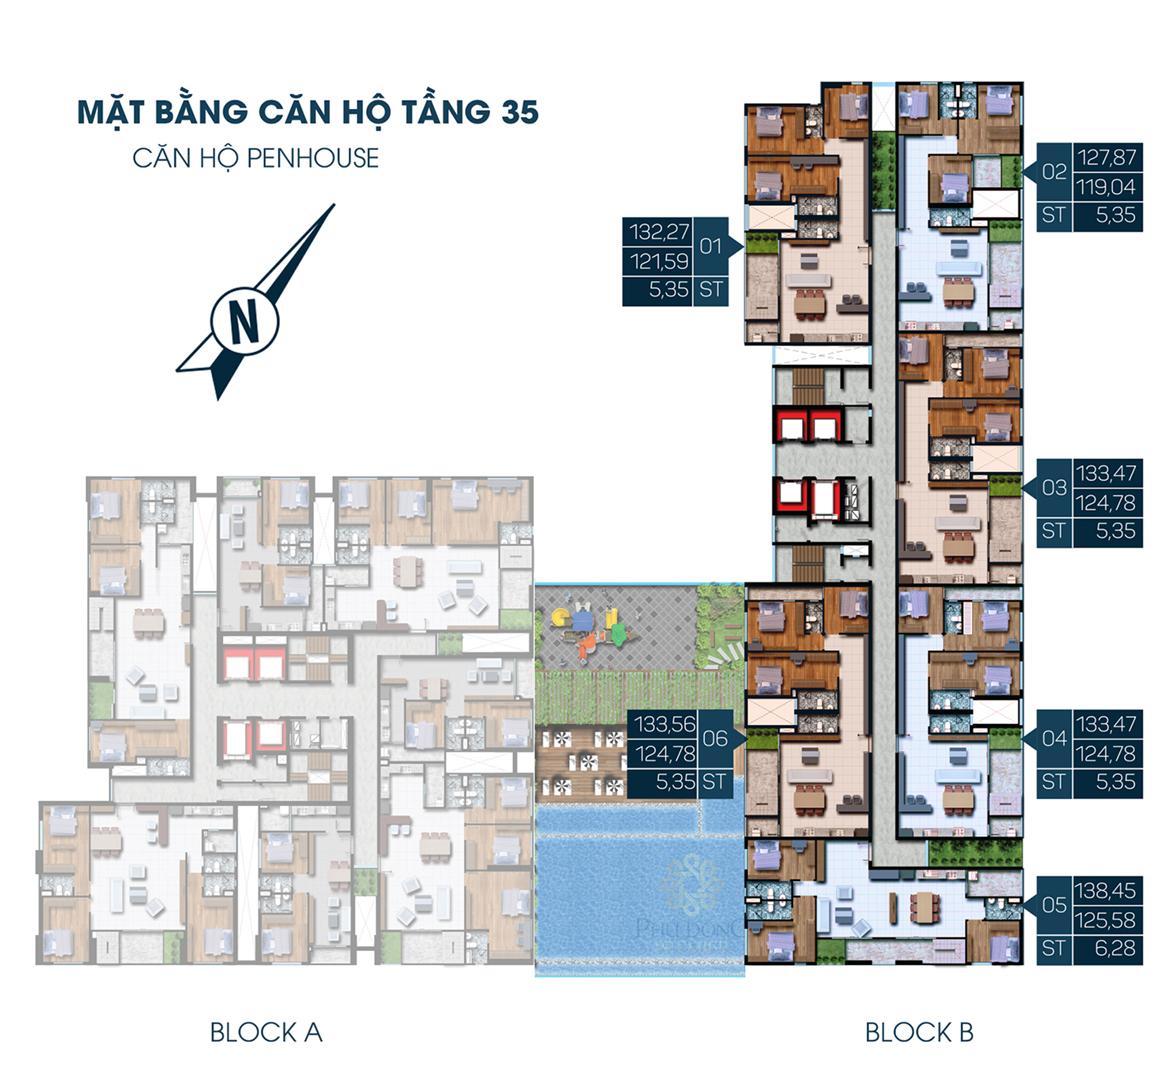 MB Block B Tầng 35 dự án Phú Đông Premier Penhouse